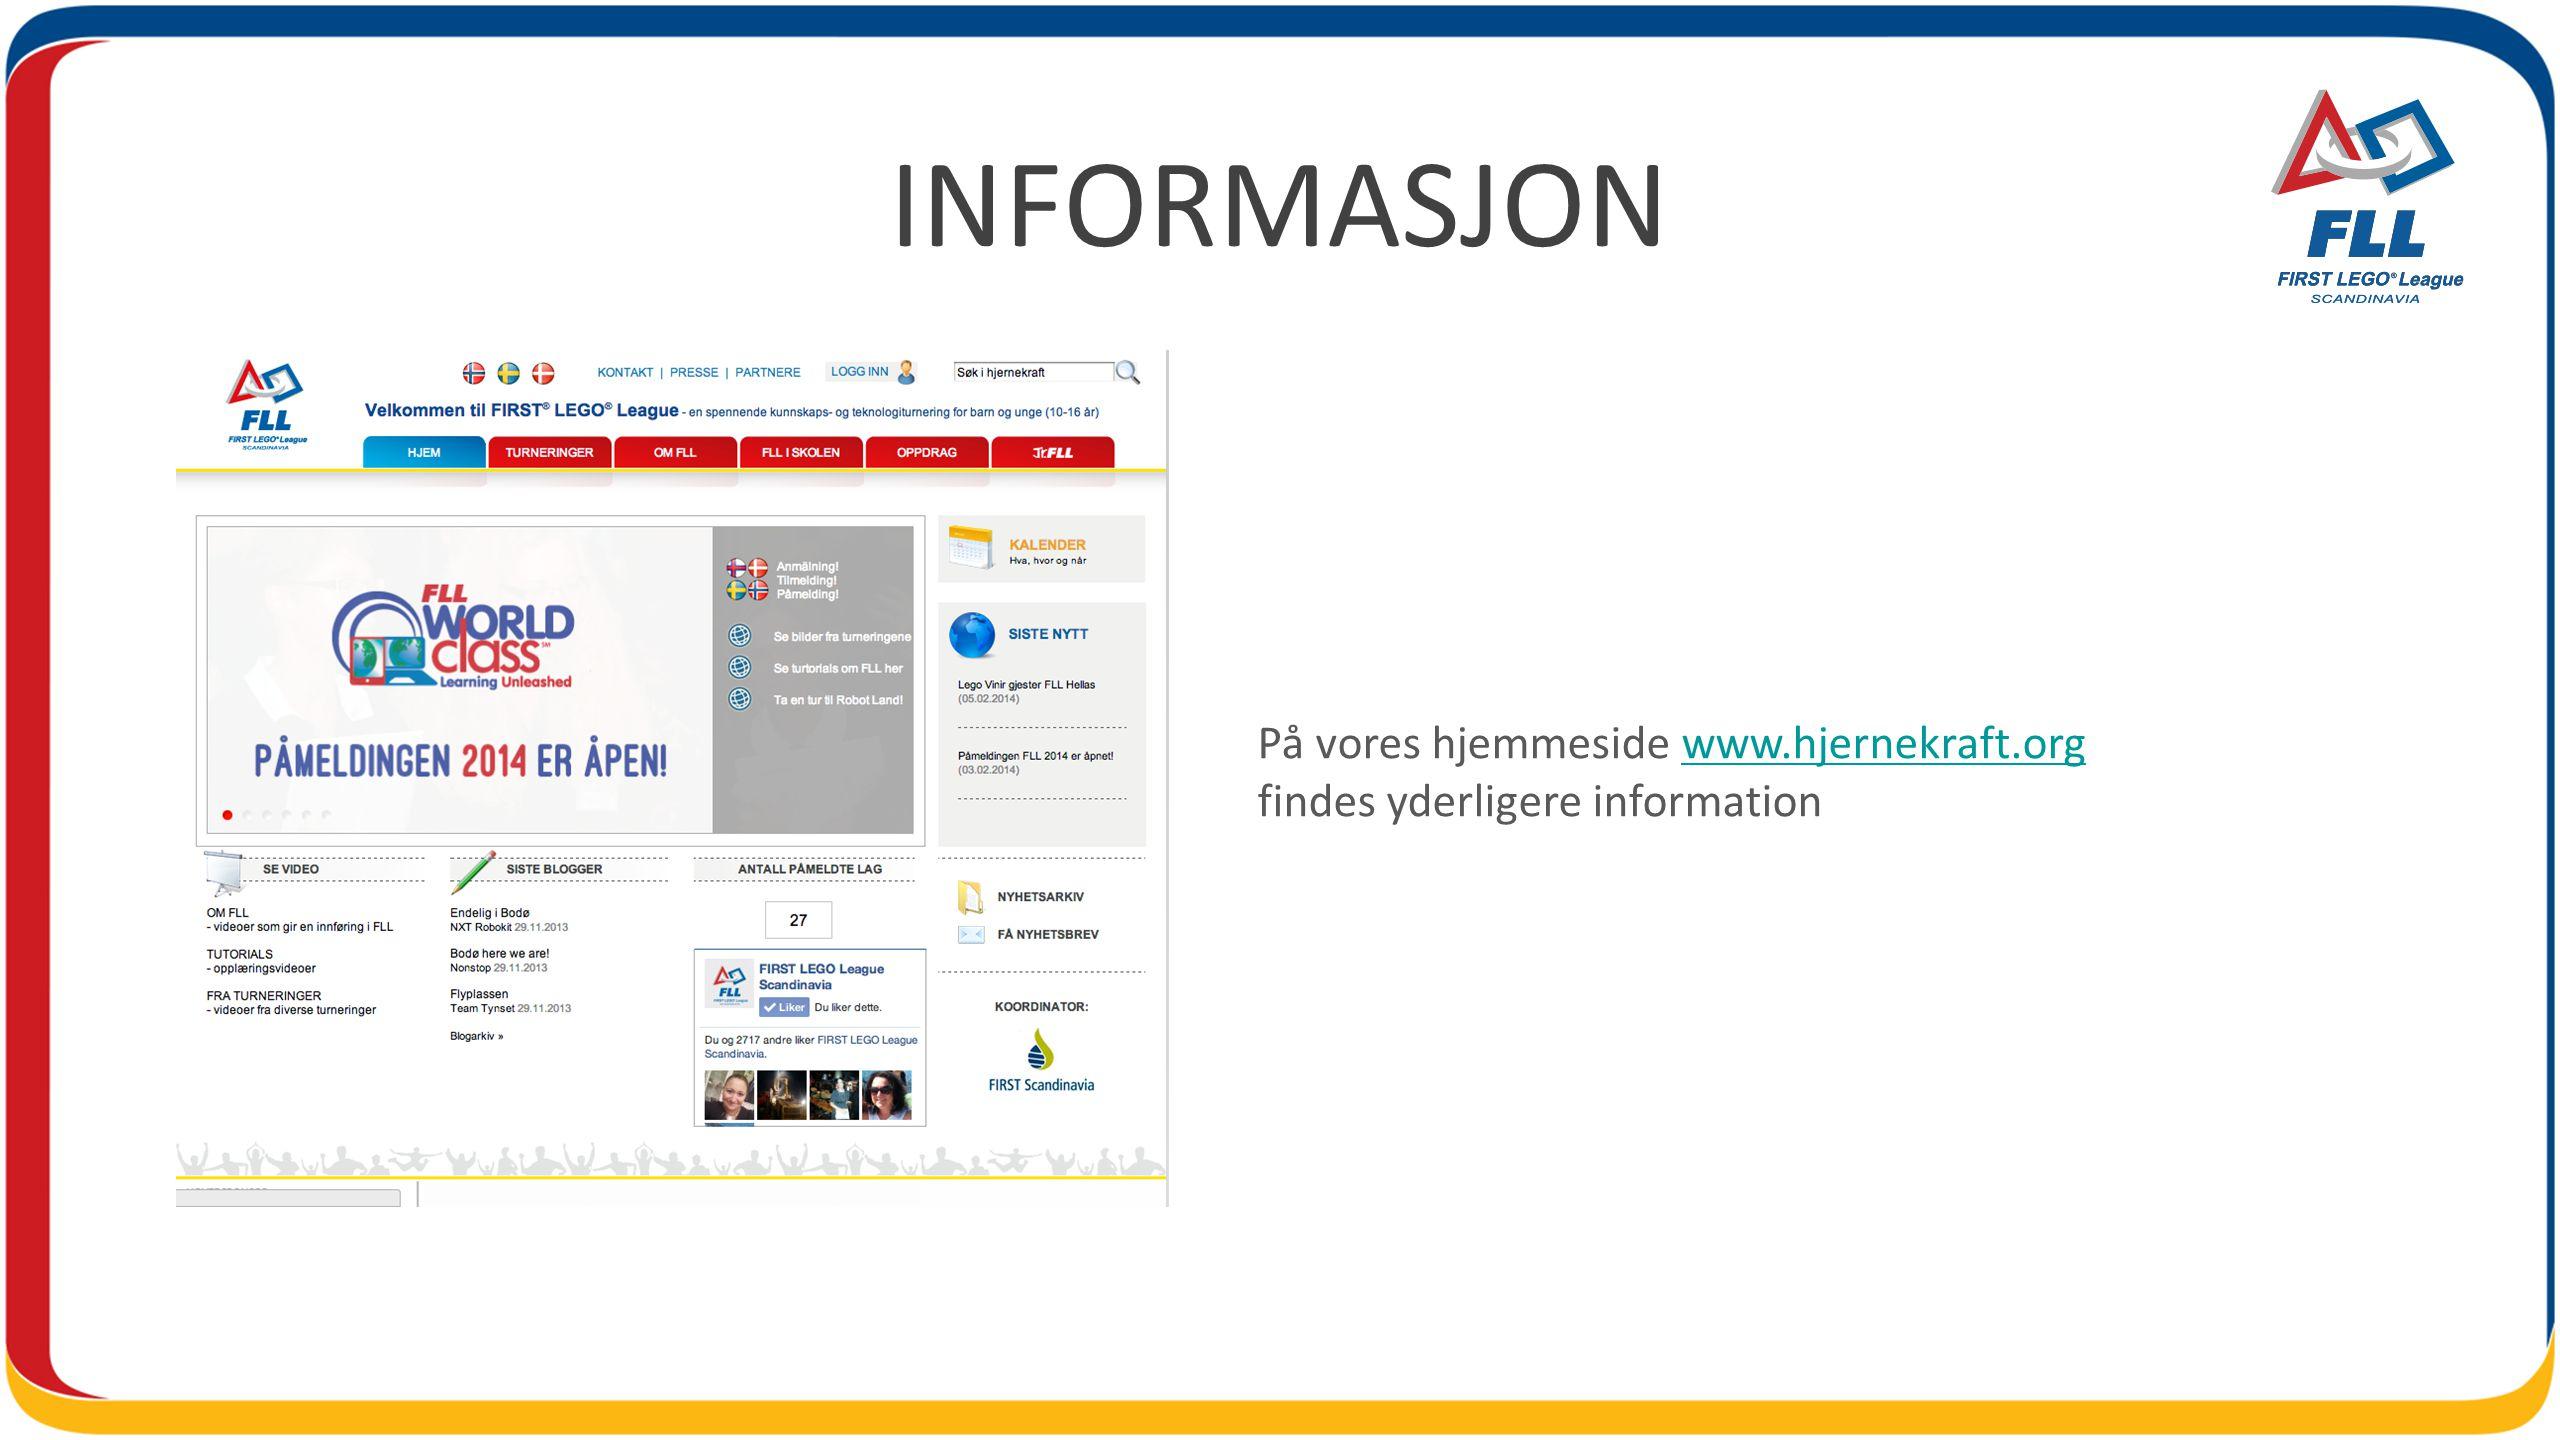 INFORMASJON På vores hjemmeside www.hjernekraft.orgwww.hjernekraft.org findes yderligere information